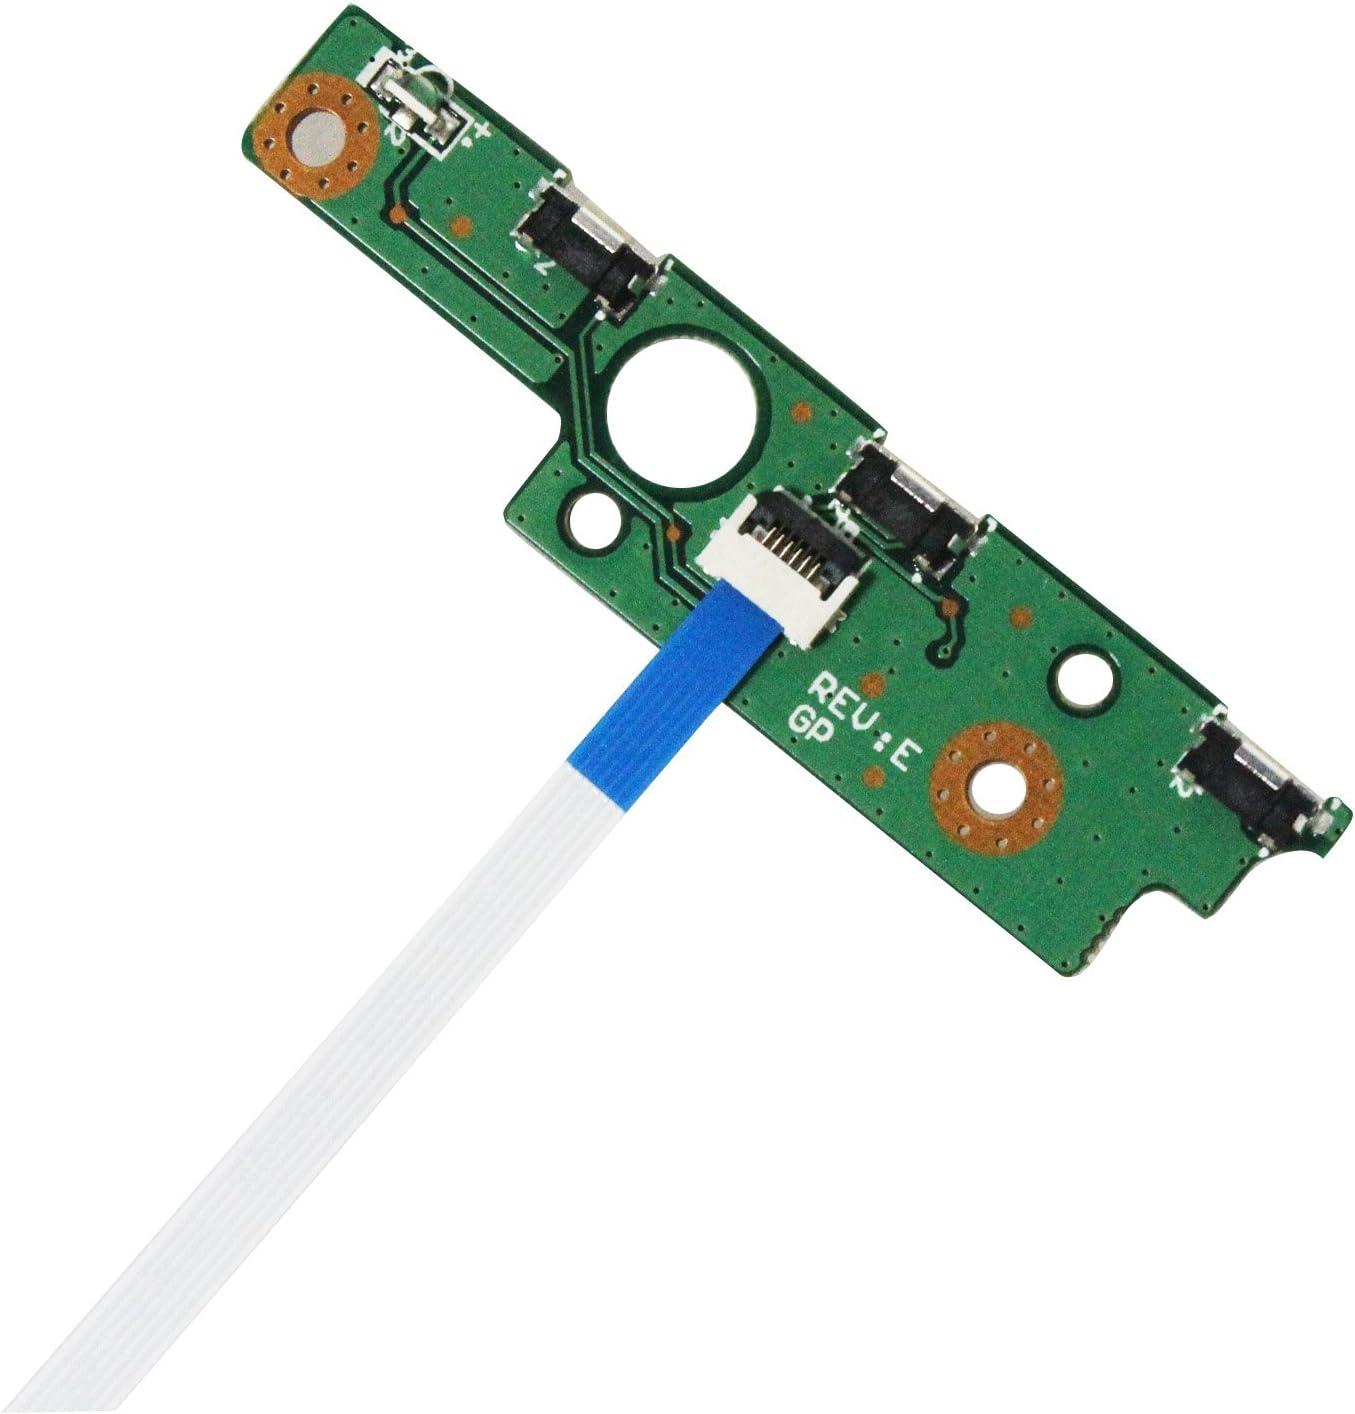 GinTai Power Button Board Cable Replacement for Toshiba Satellite DA0BLSPB8E0